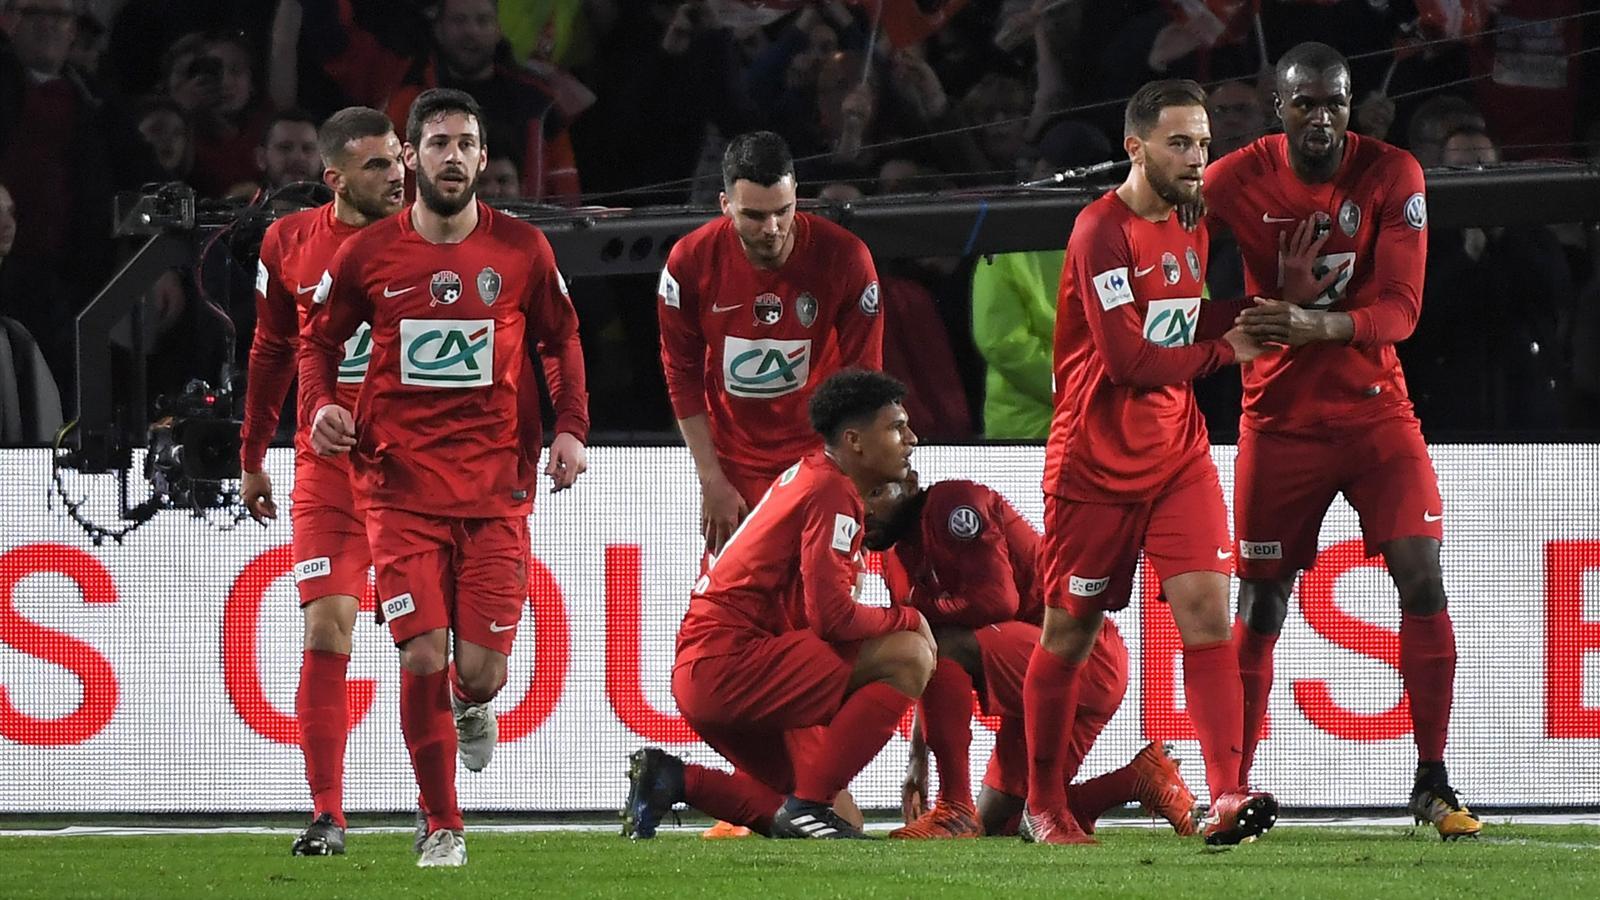 Plus fort que chambly les herbiers joueront la finale au stade de france coupe de france - Coupe de france football calendrier ...